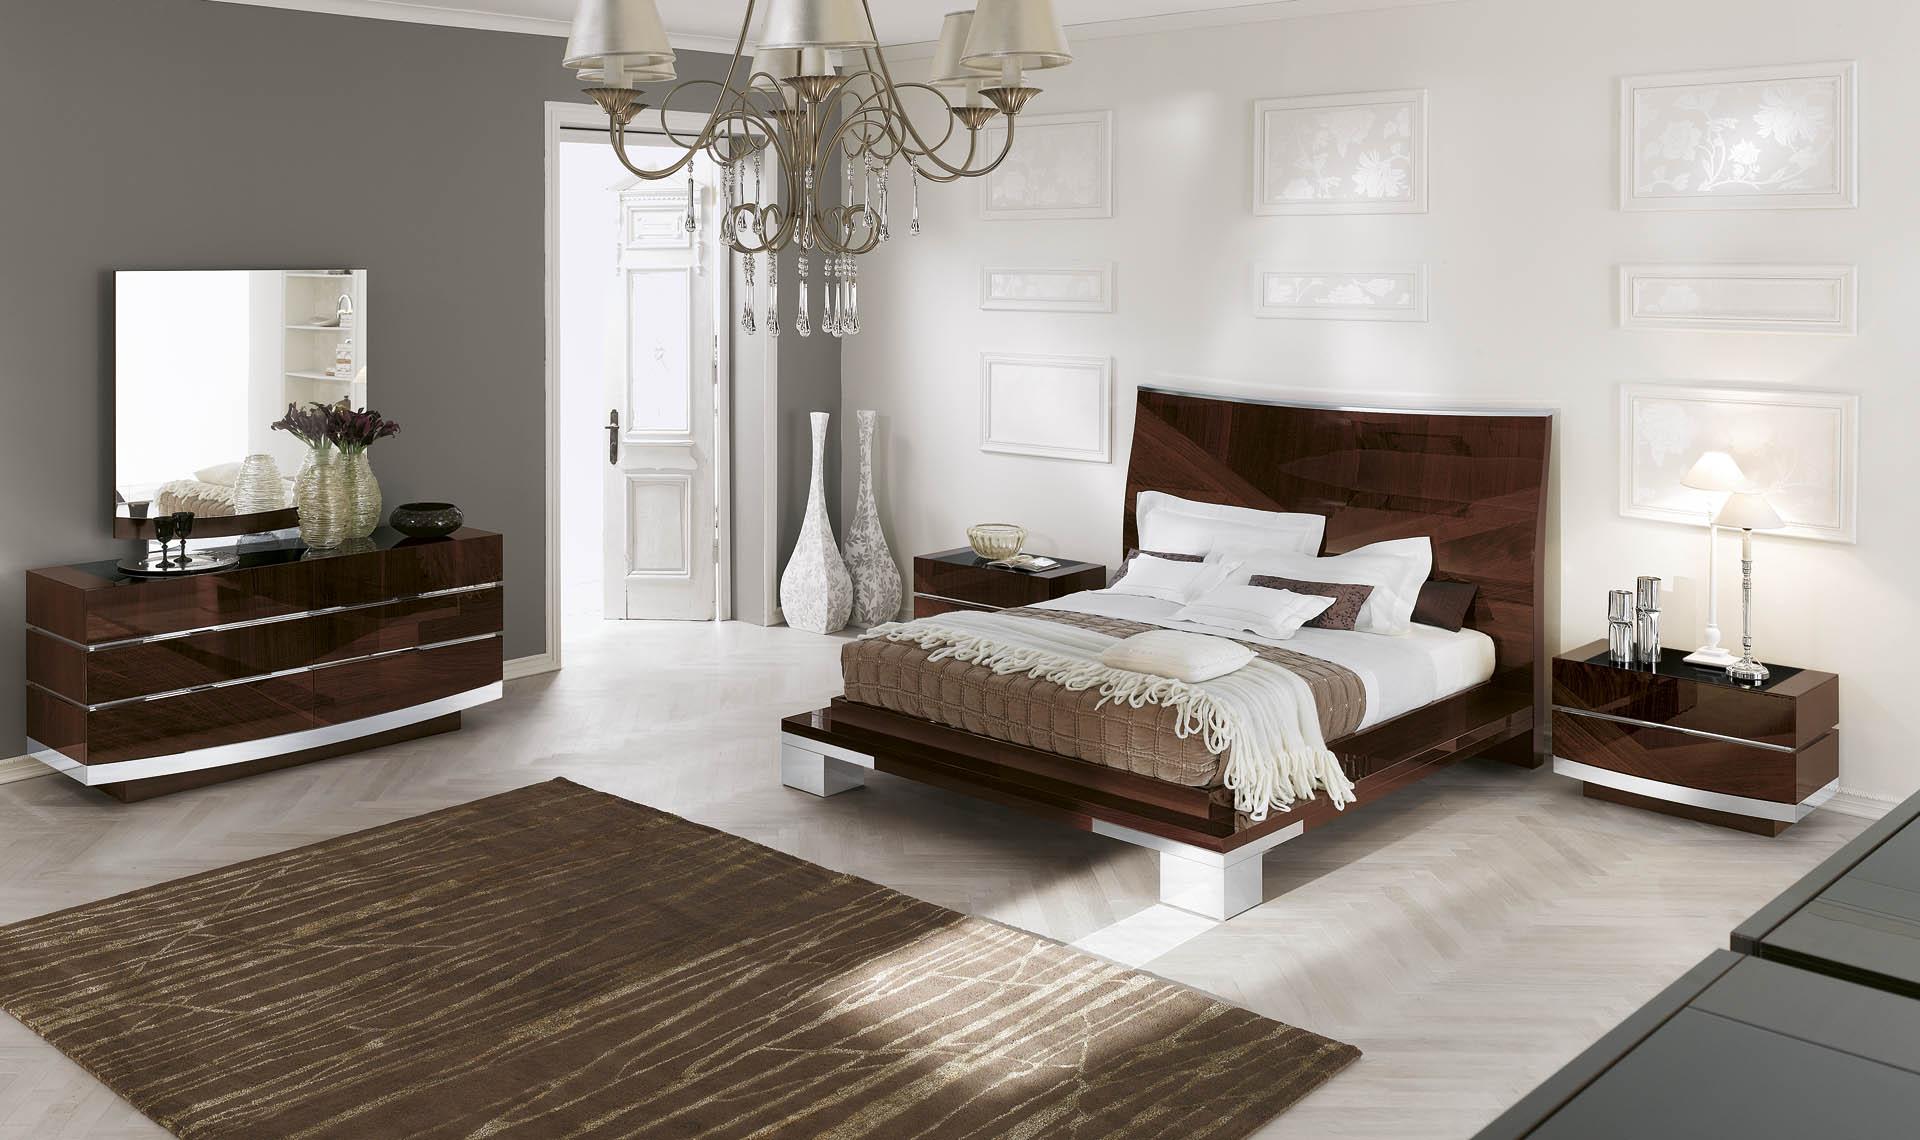 Garda Bedroom Overview